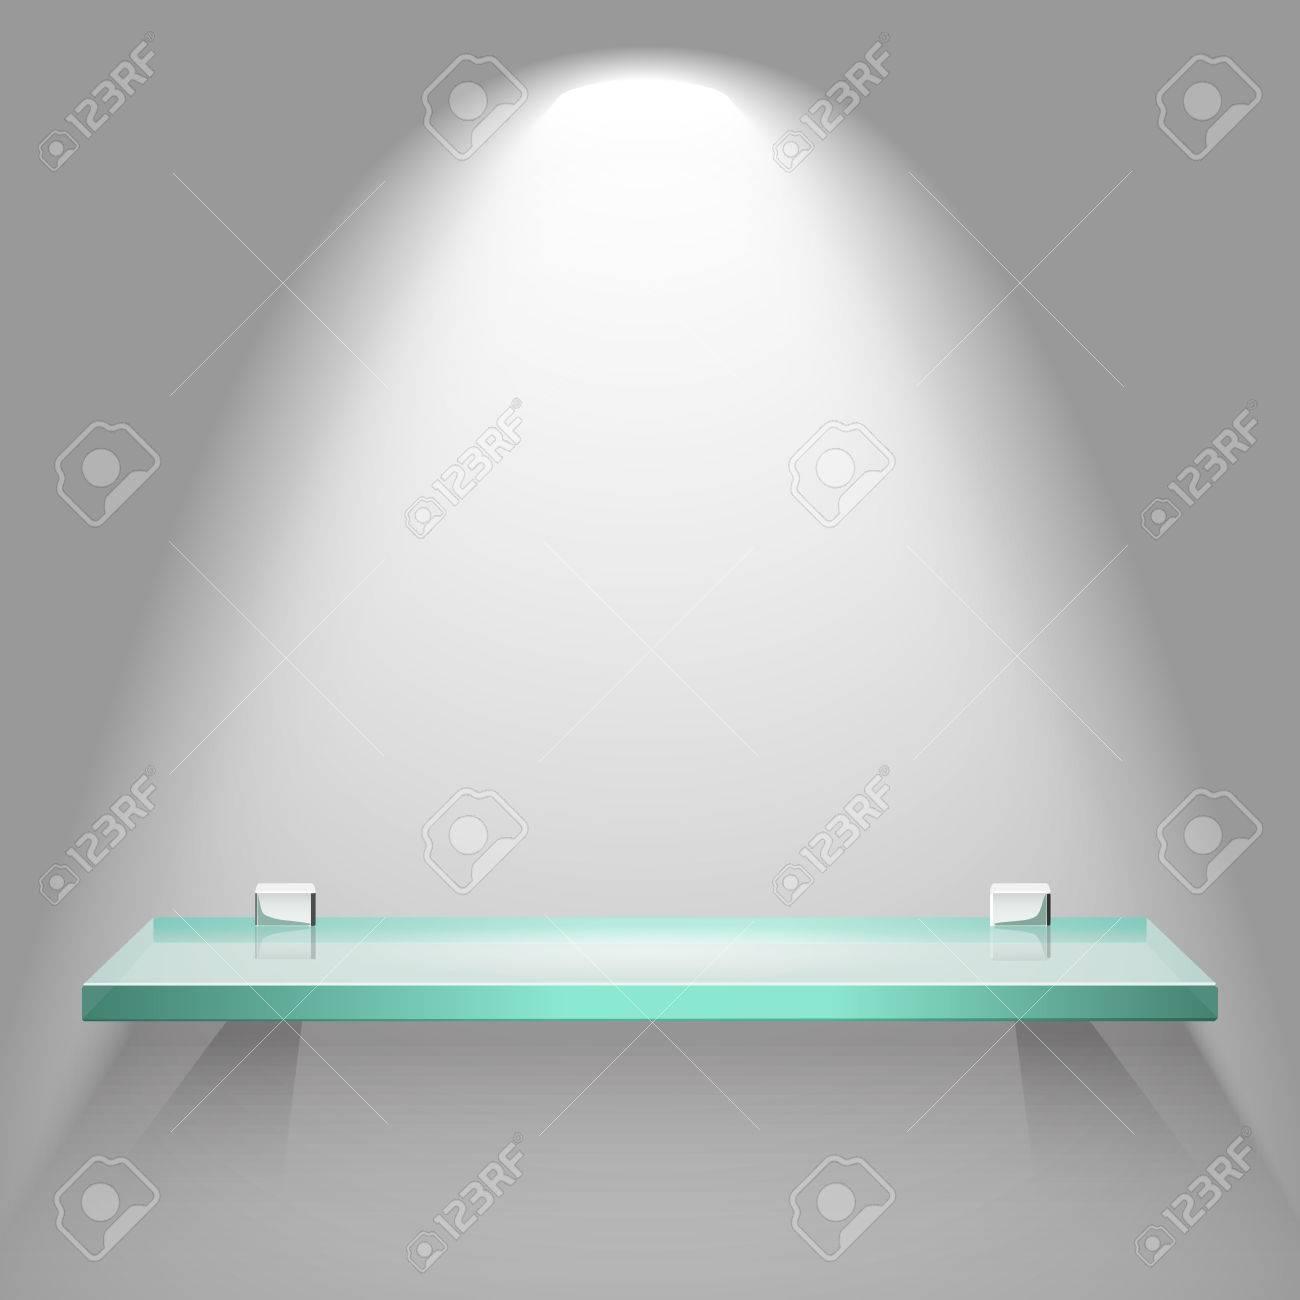 Mensole In Vetro Luminose.Vettoriale Mensola Di Vetro Vuota Sotto Luce Soffusa Luminosa